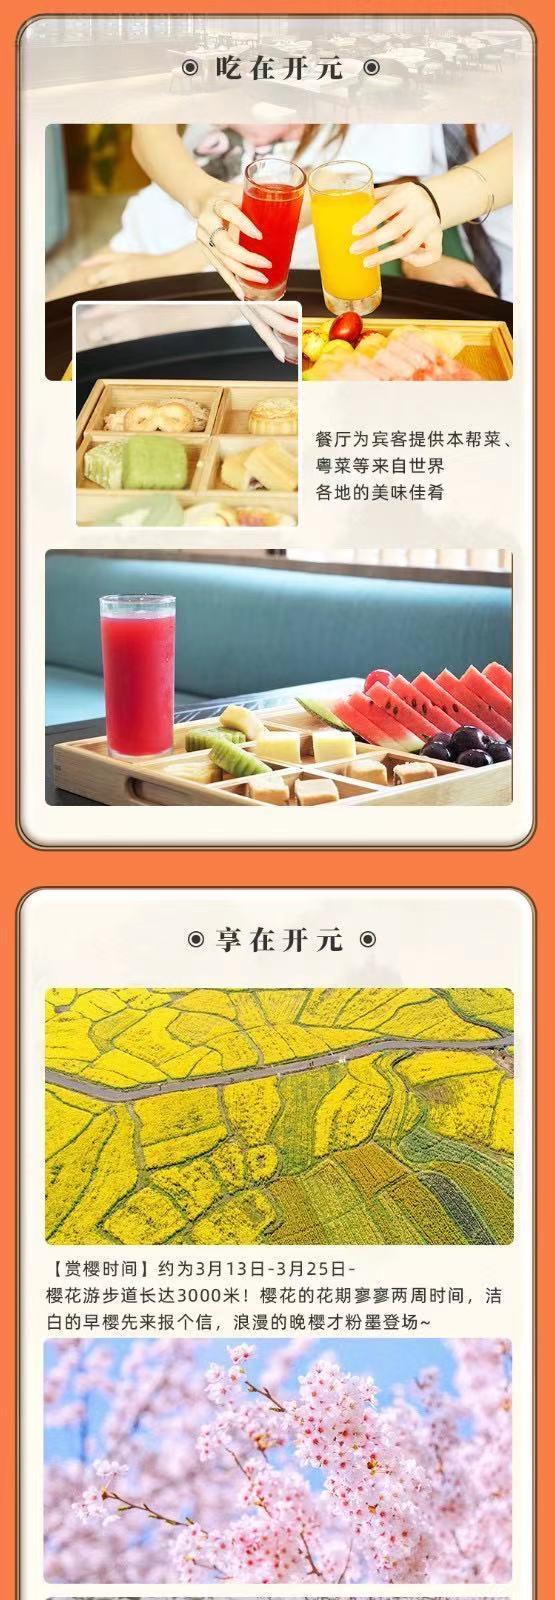 台州神仙居德信开元颐居酒店留仙里双床房1晚(含下午茶+航模体验+彩绘风筝)